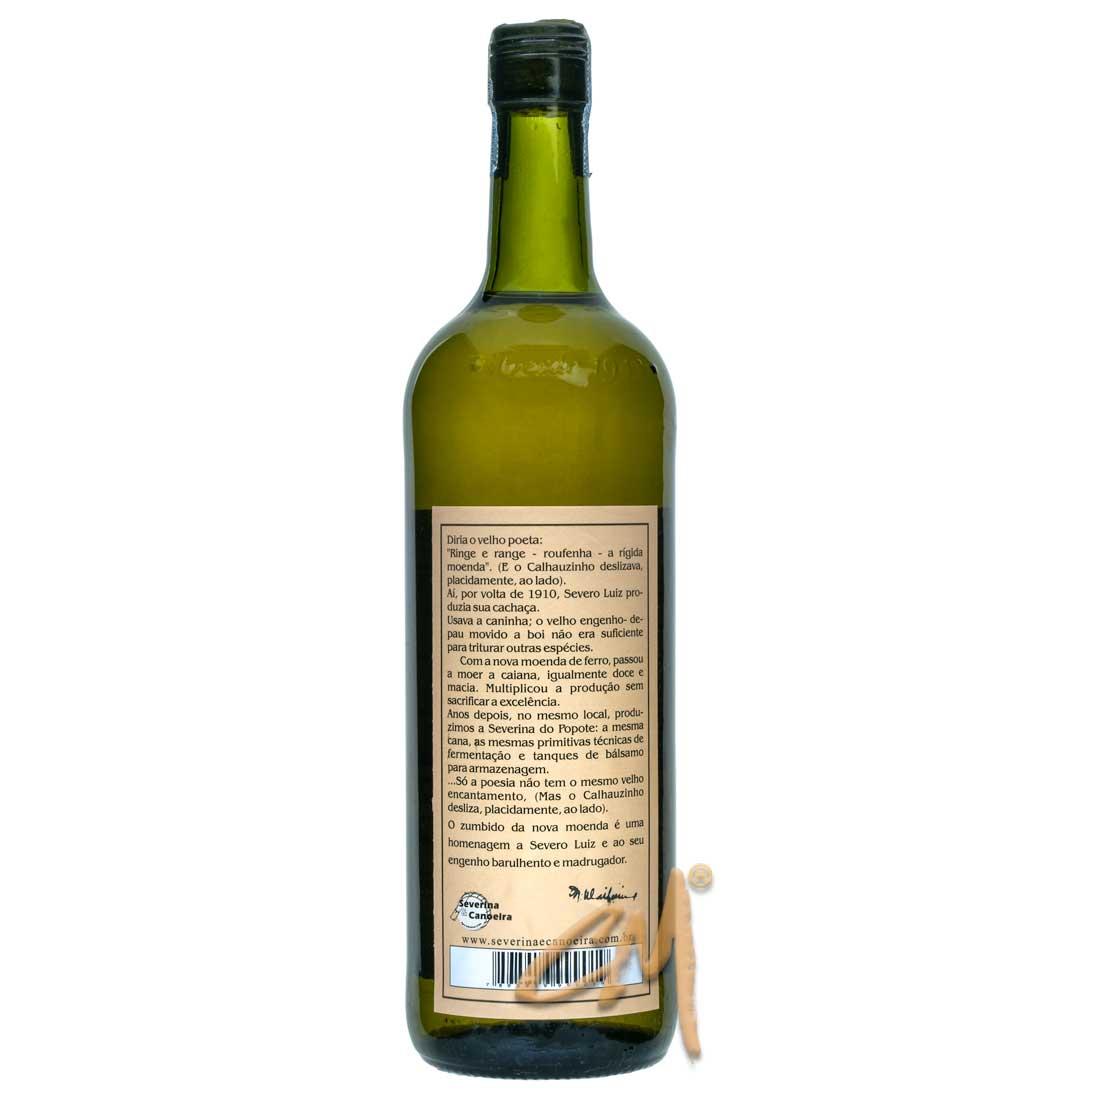 Cachaça Severina do Popote 750 ml (Araçuaí - MG)